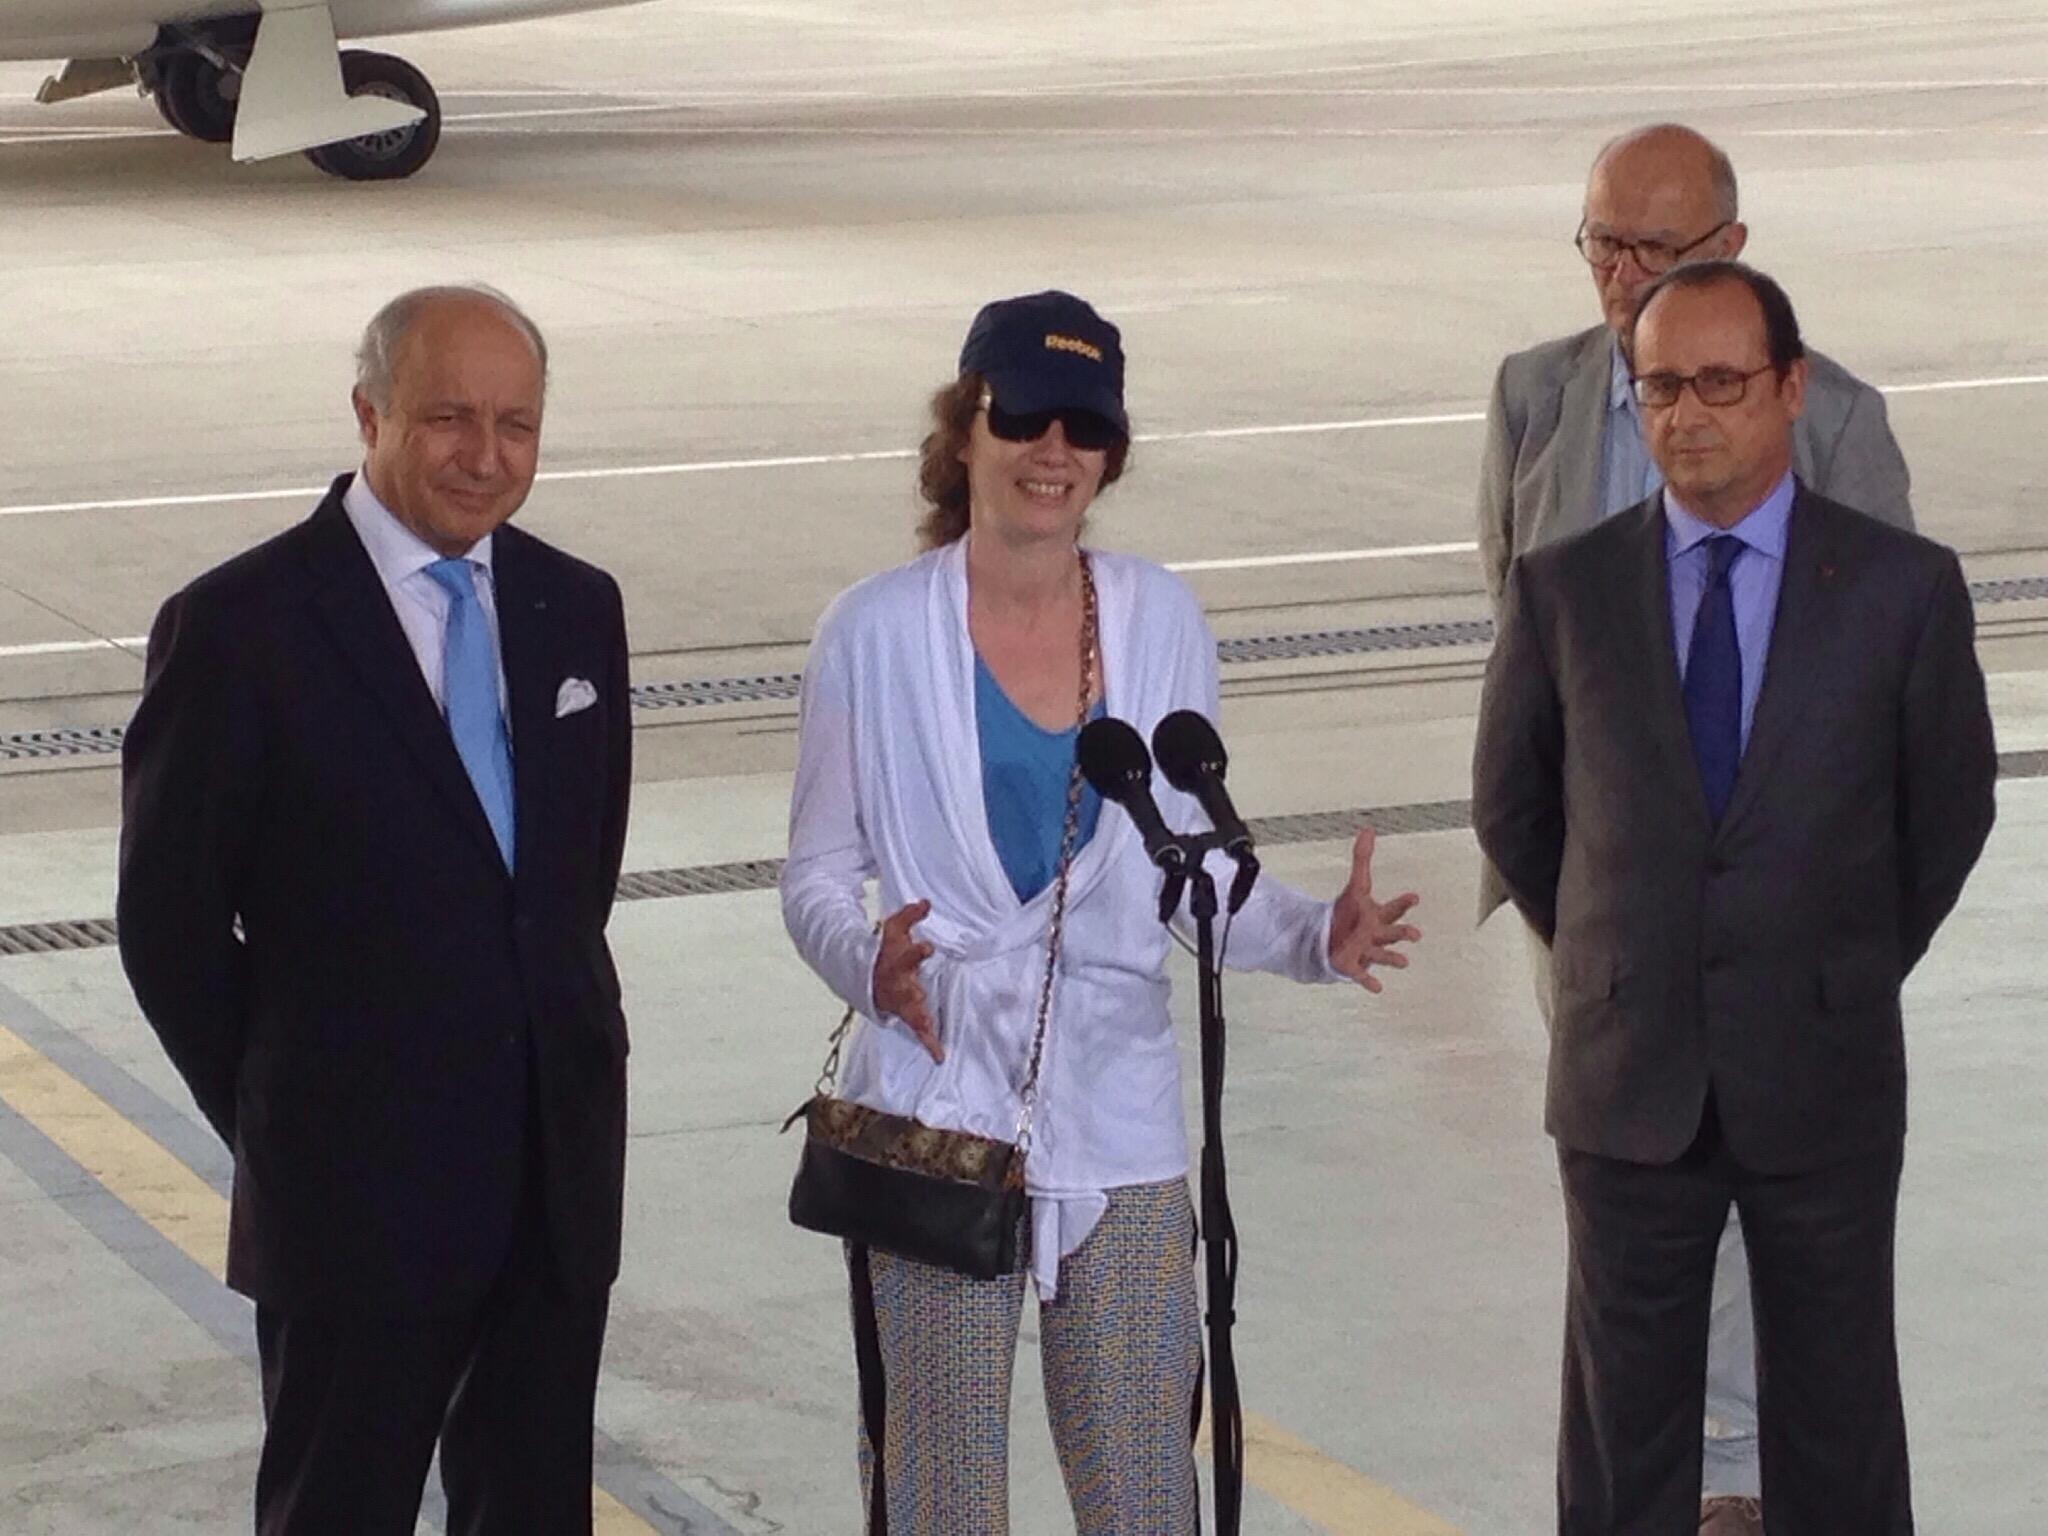 Isabelle Prime rodeada por el canciller francés Laurent Fabius y el presidente francés François Hollande, a su llegada en Francia el pasado 7 de agosto.